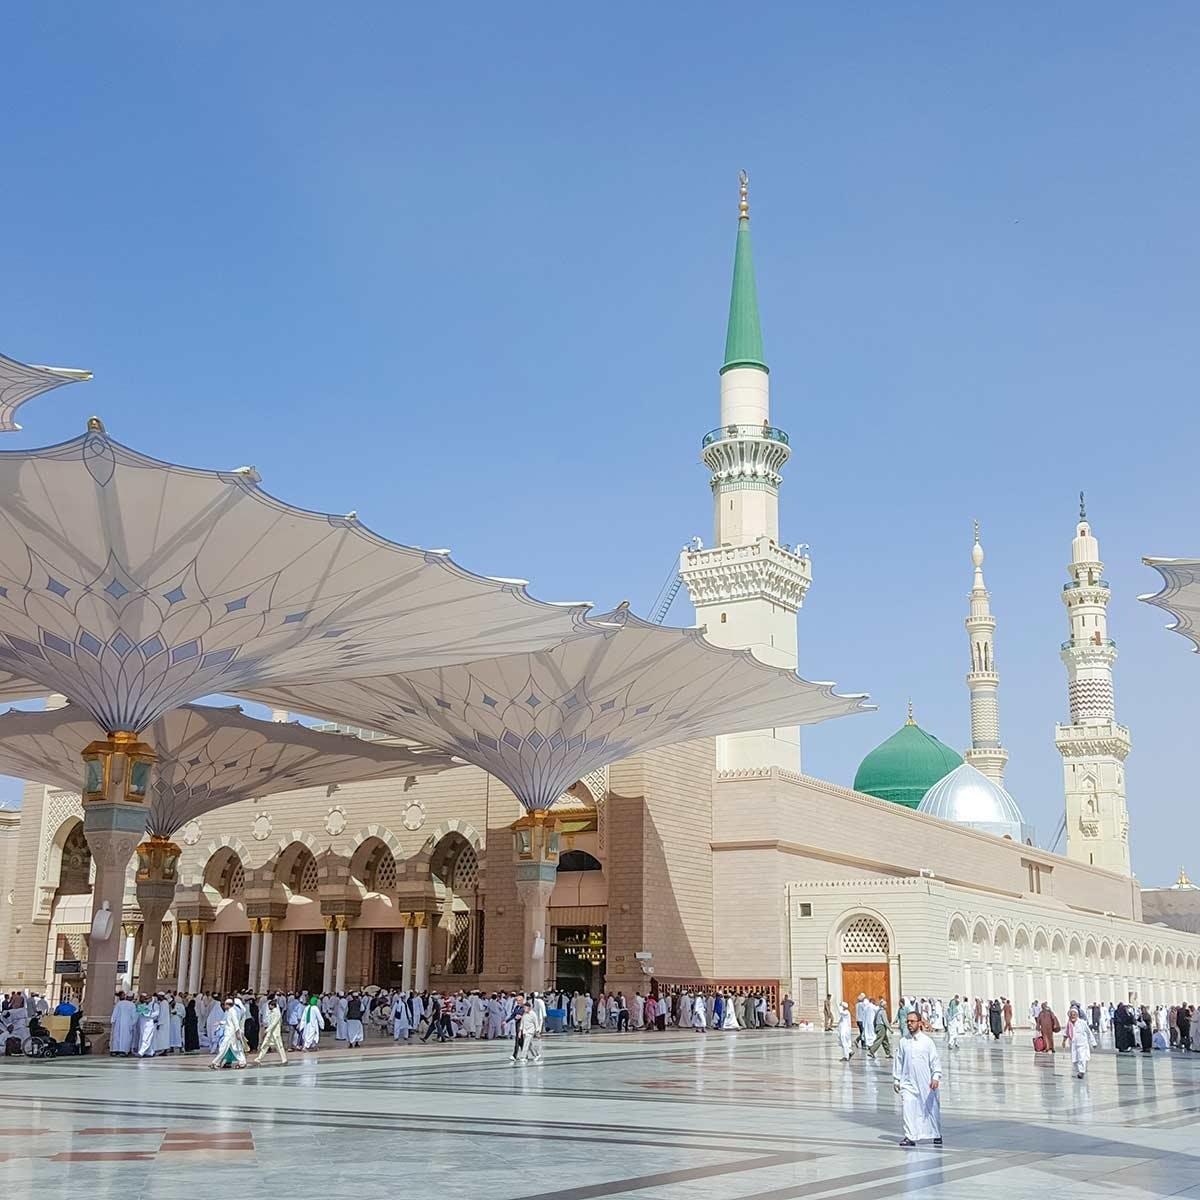 Ислам: история, культура, практика (Islam: history, culture, praxis)